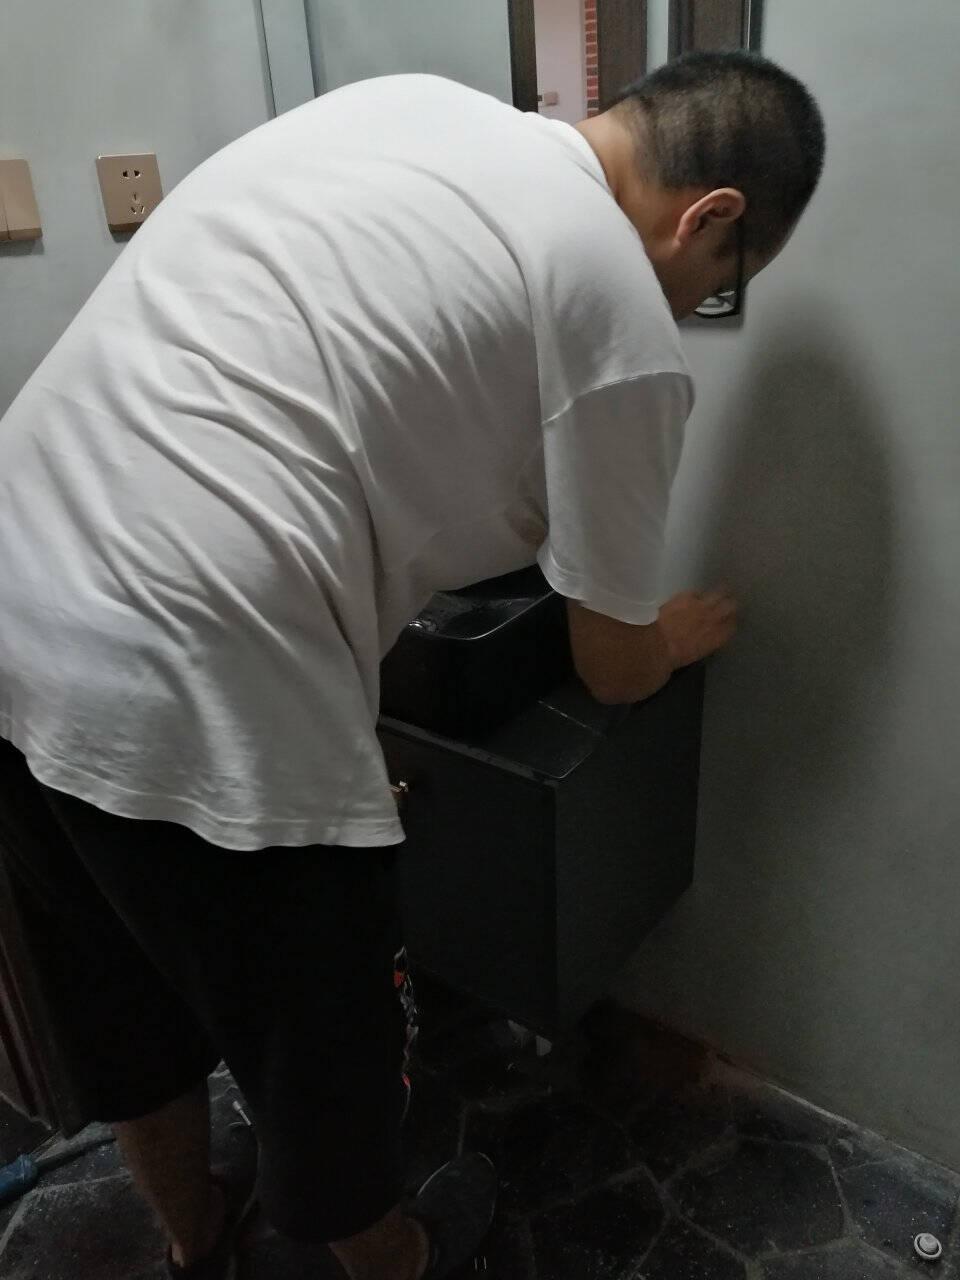 雁枫轻奢岩板一体盆小户型台上洗手脸盆柜组合浴室柜定制卫生间洗漱台三种台面可选/柜体四种颜色可选